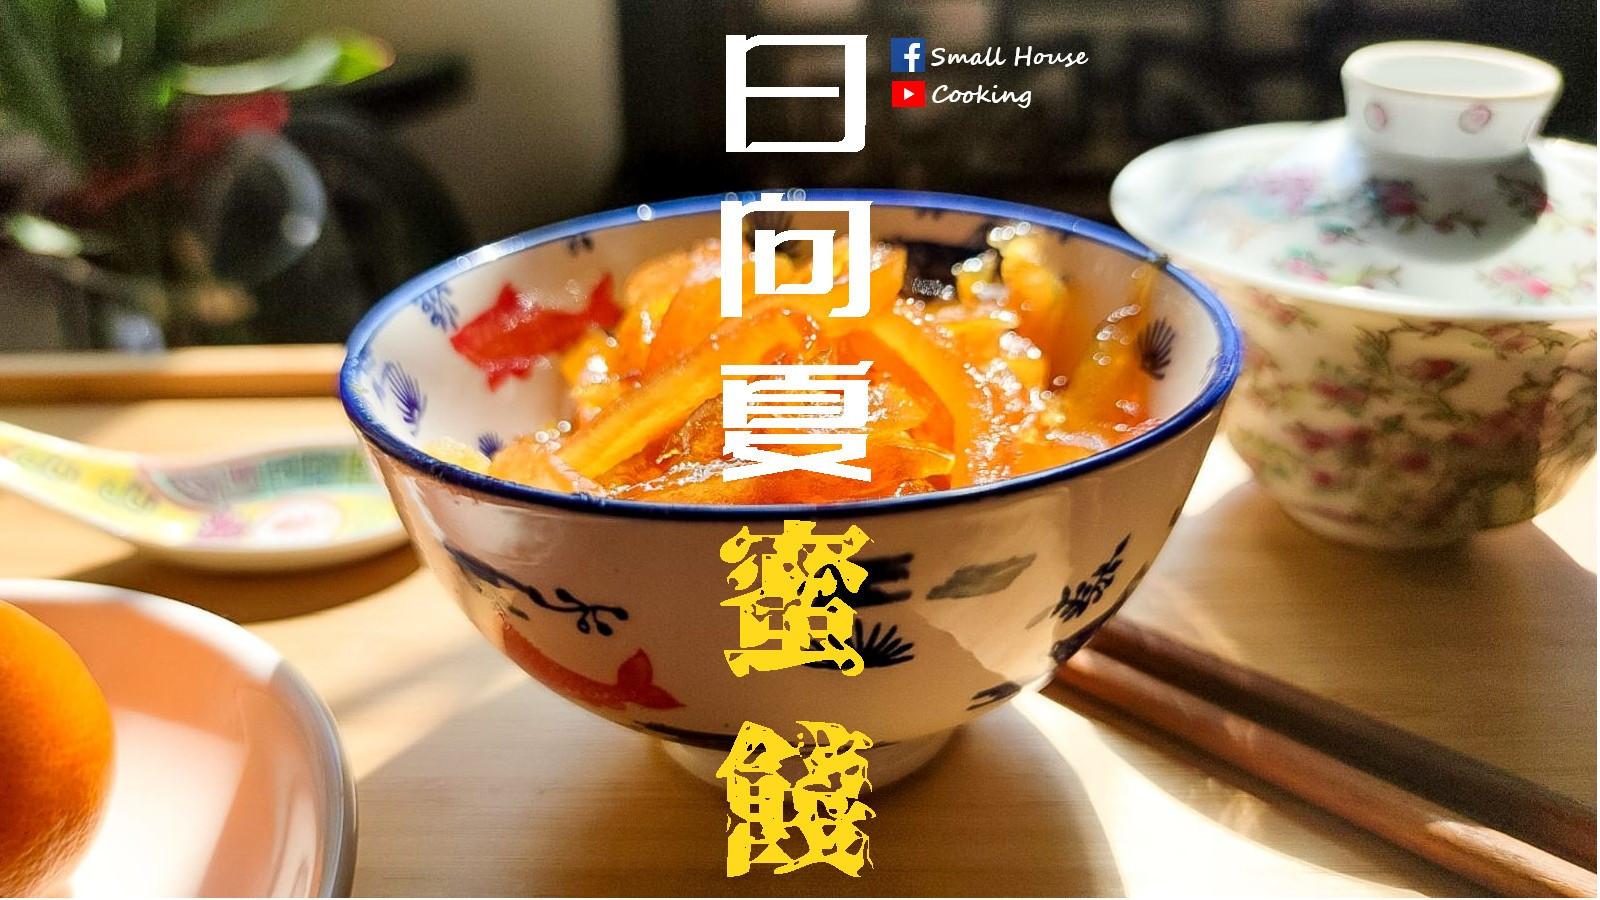 果醬教學 蜜餞柑皮 日向夏蜜柑 附影片